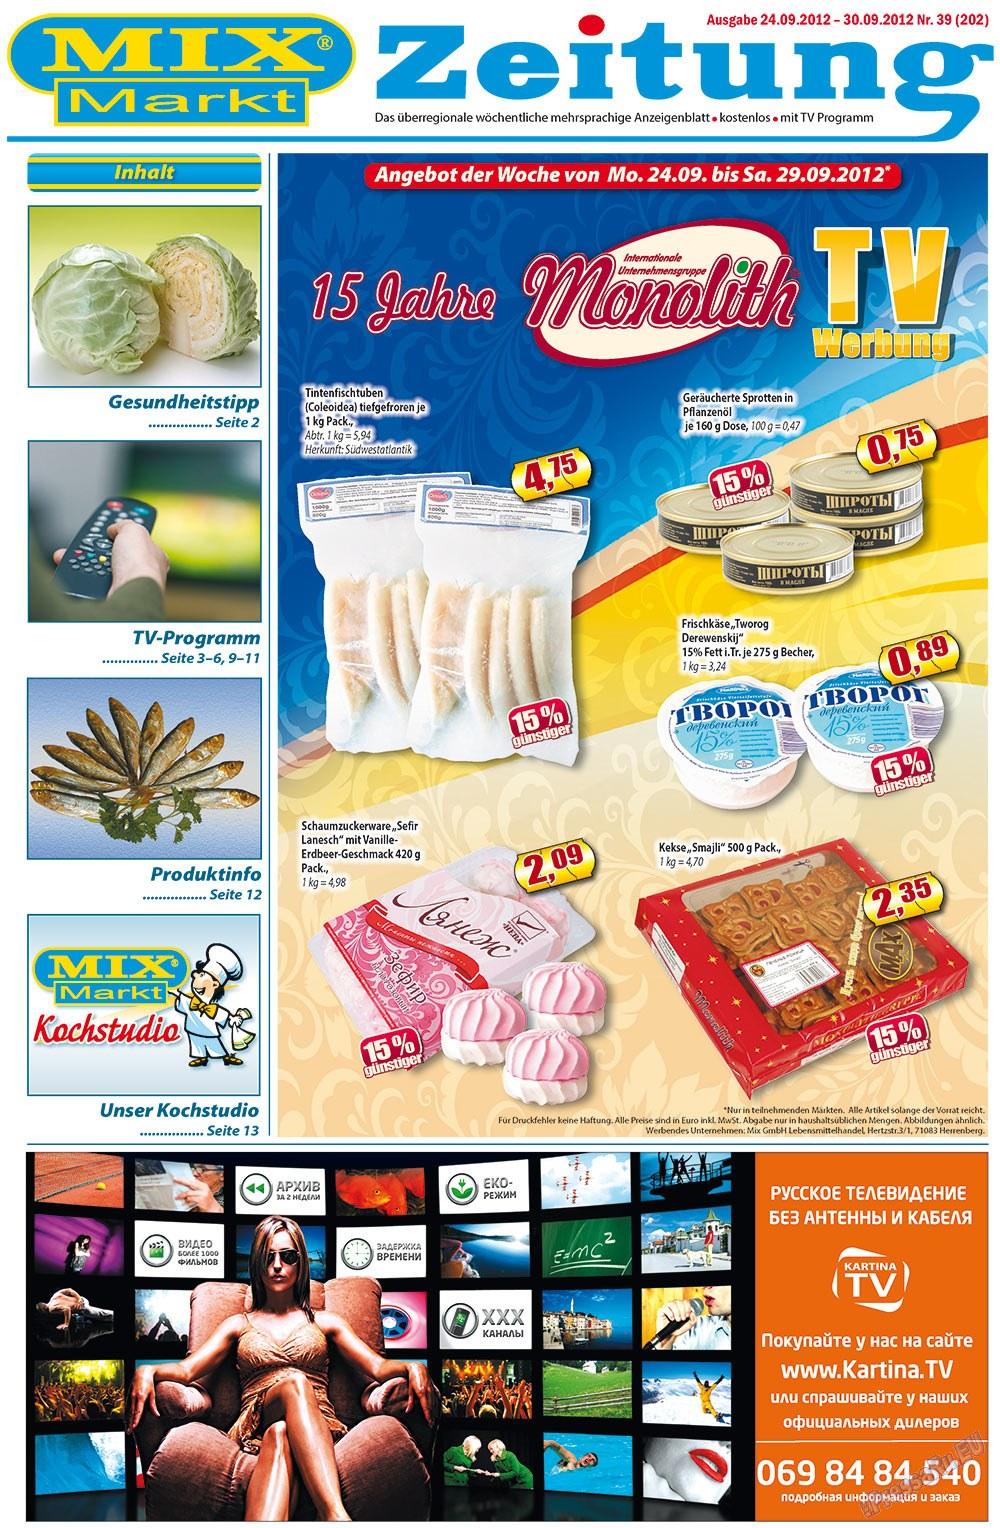 MIX-Markt Zeitung (газета). 2012 год, номер 39, стр. 1